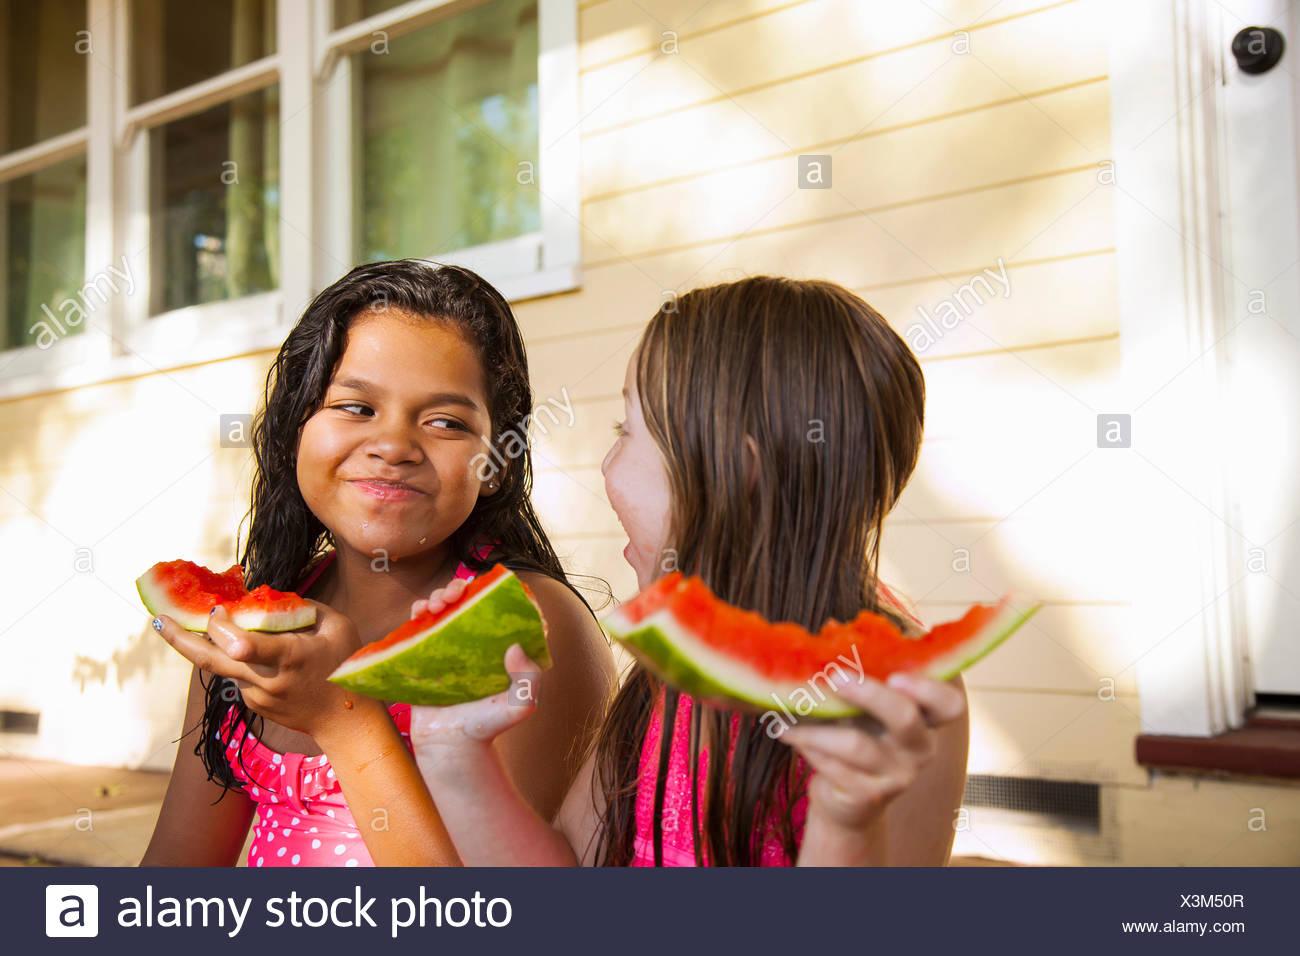 Deux filles souriant assis sur le porche de la chambre avec des tranches de melon d'eau Photo Stock